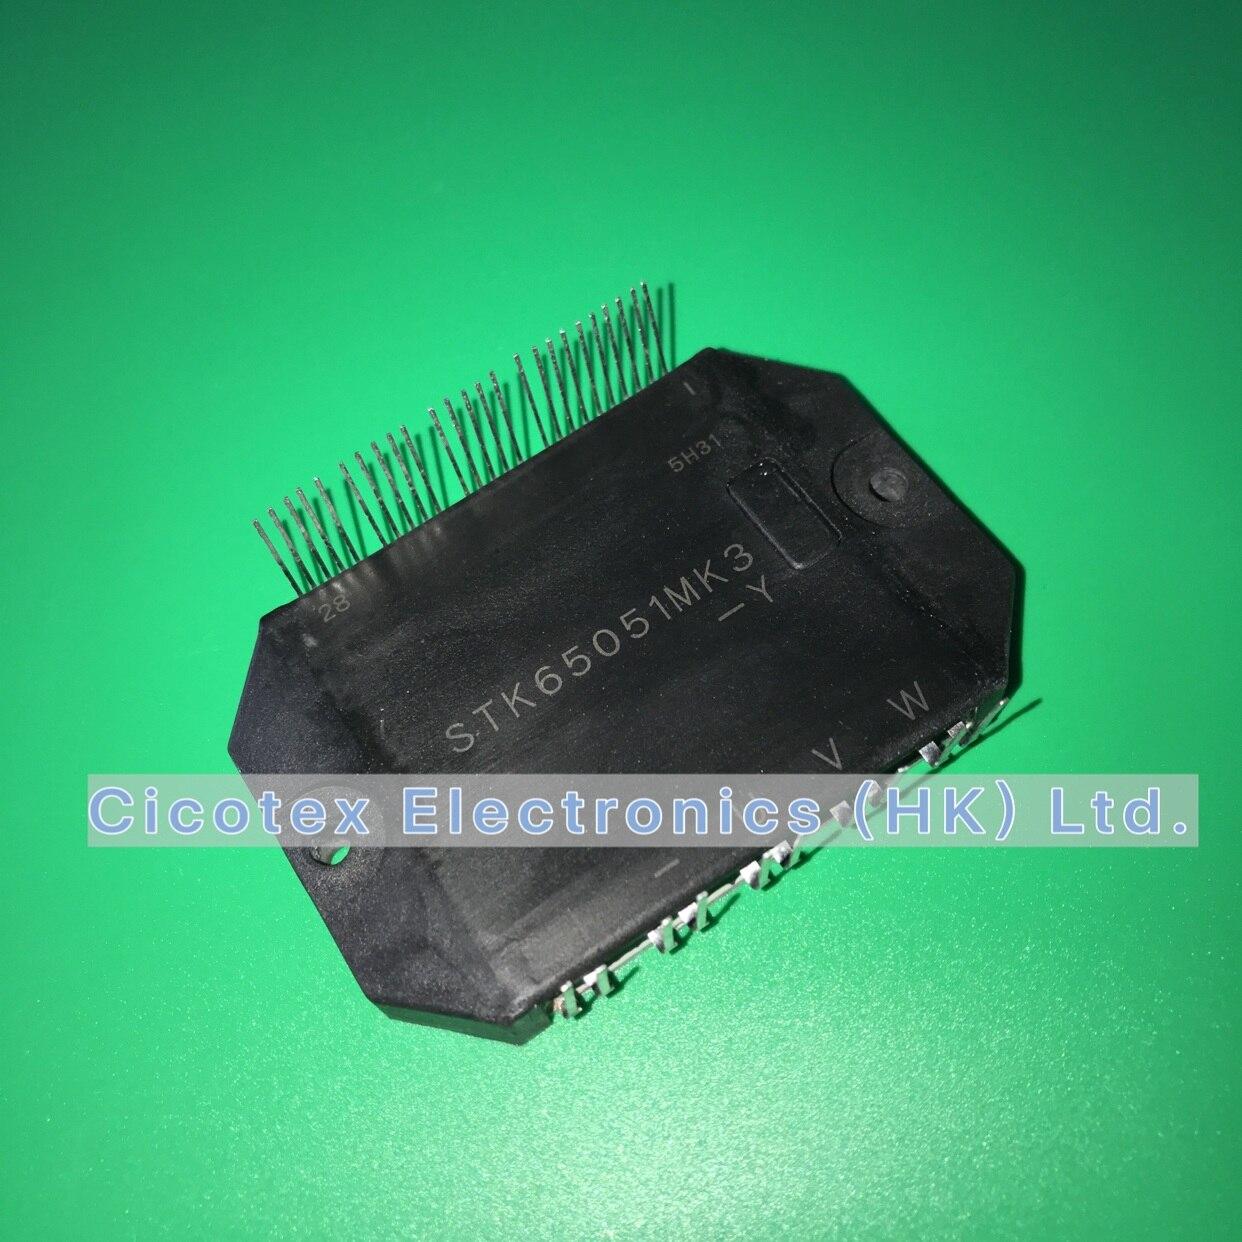 STK65051MK3-Y HYB DC-DC MODULE STK 65051MK3-Y IGBT STK65051MK3Y STK65051MK3 -Y